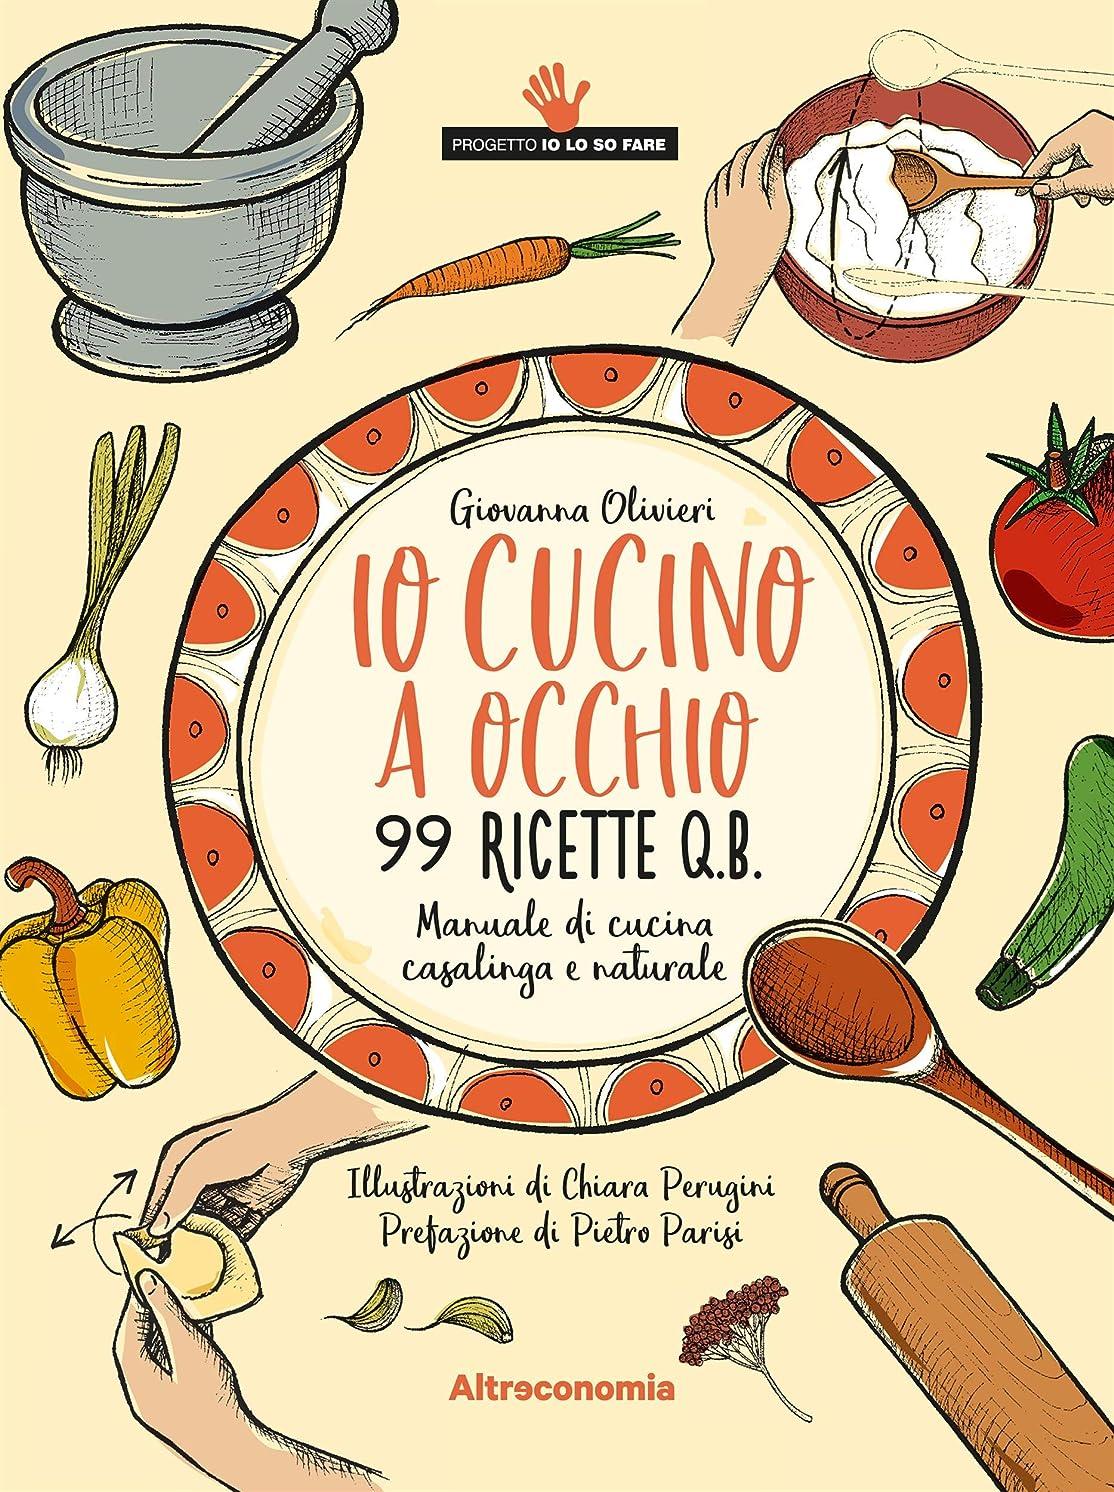 バス太平洋諸島実現可能Io cucino a occhio: Manuale di cucina casalinga e naturale. 99 ricette q.b. (Io lo so fare) (Italian Edition)